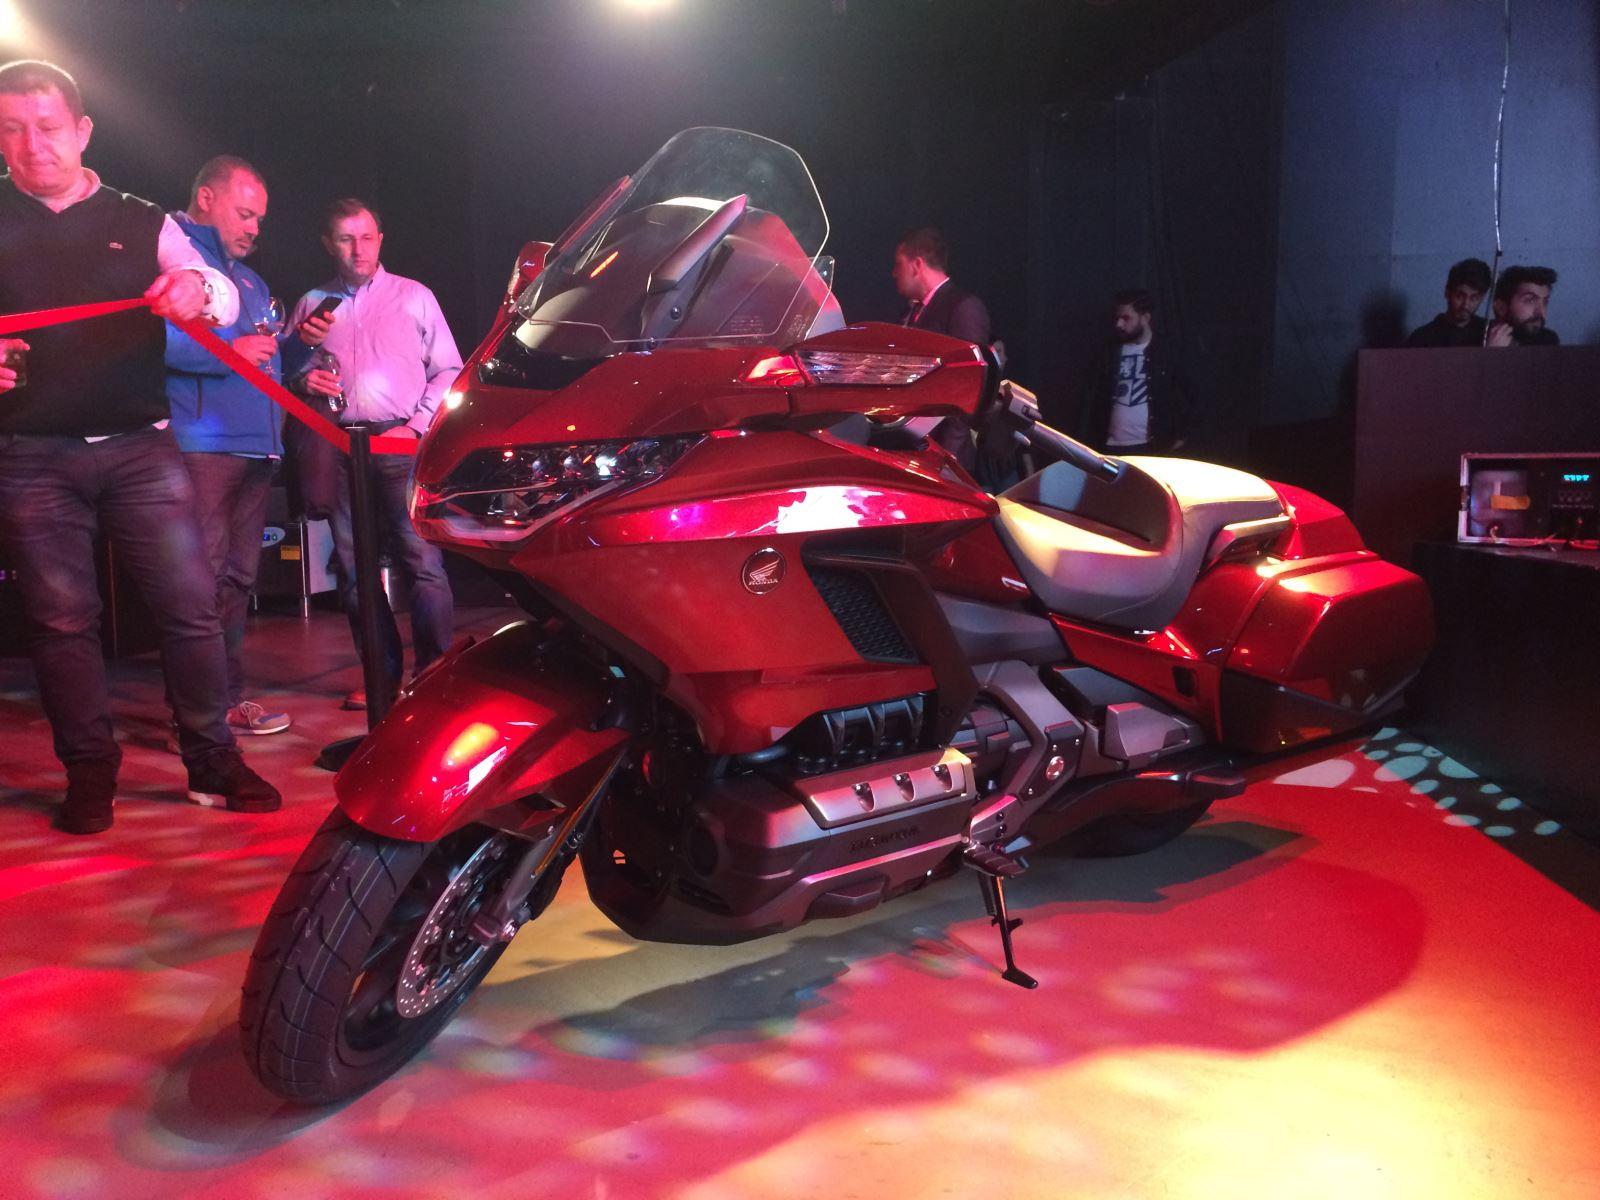 Motobike İstanbul Fuarı İzlenimleri 14. İçerik Fotoğrafı